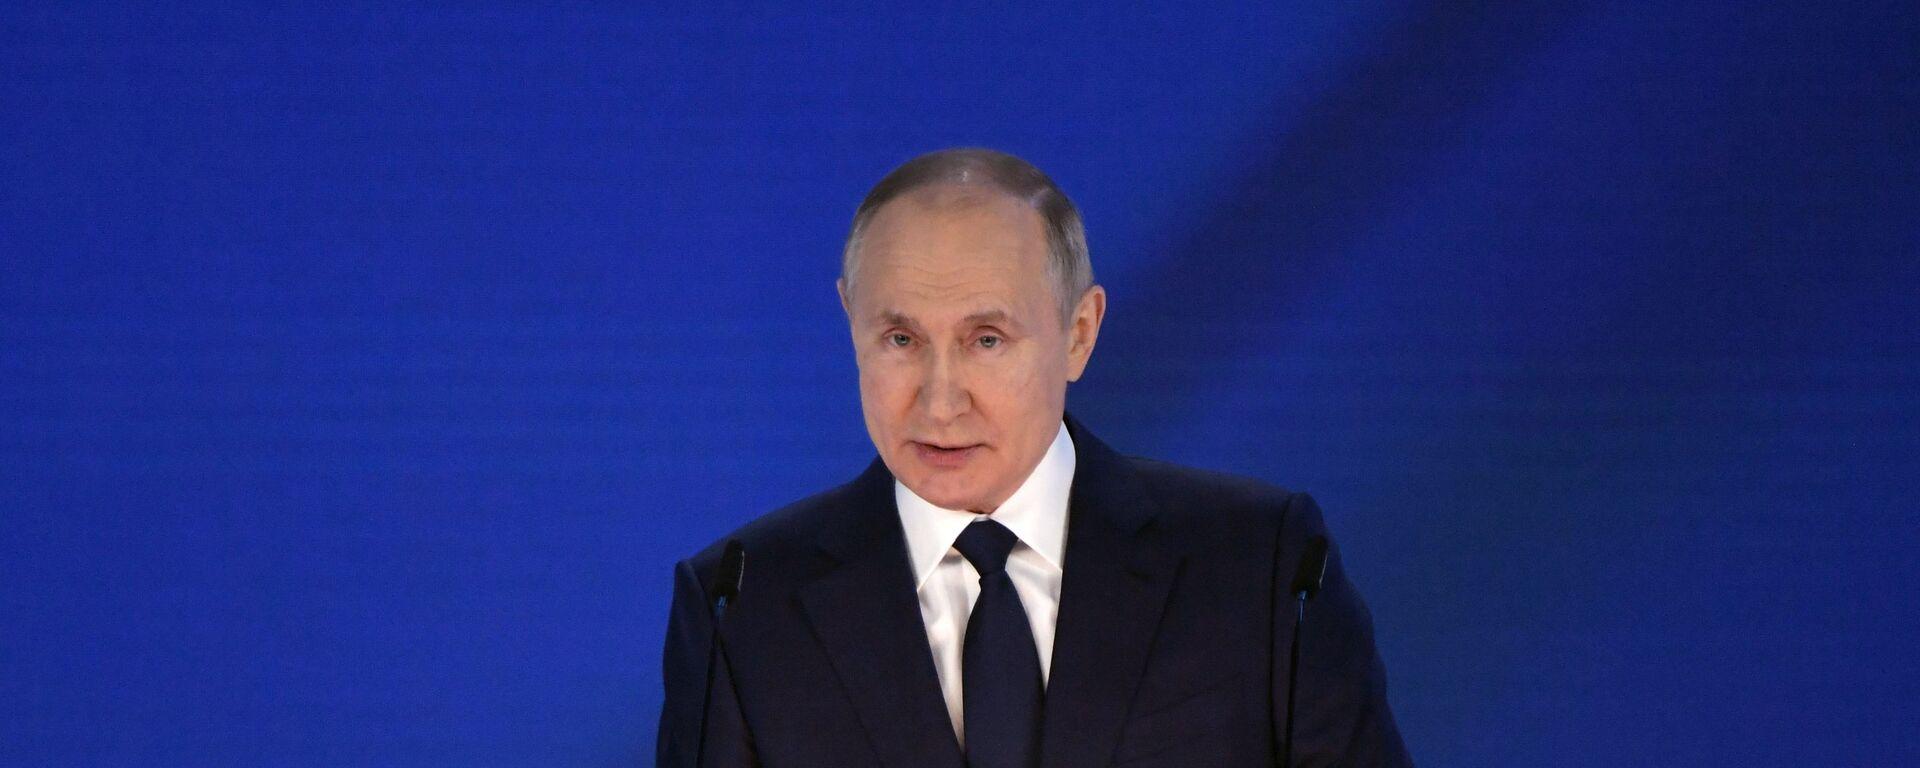 Ruský prezident Vladimir Putin vystupuje s posláním Federálnímu shromáždění (21. 04. 2021) - Sputnik Česká republika, 1920, 12.06.2021